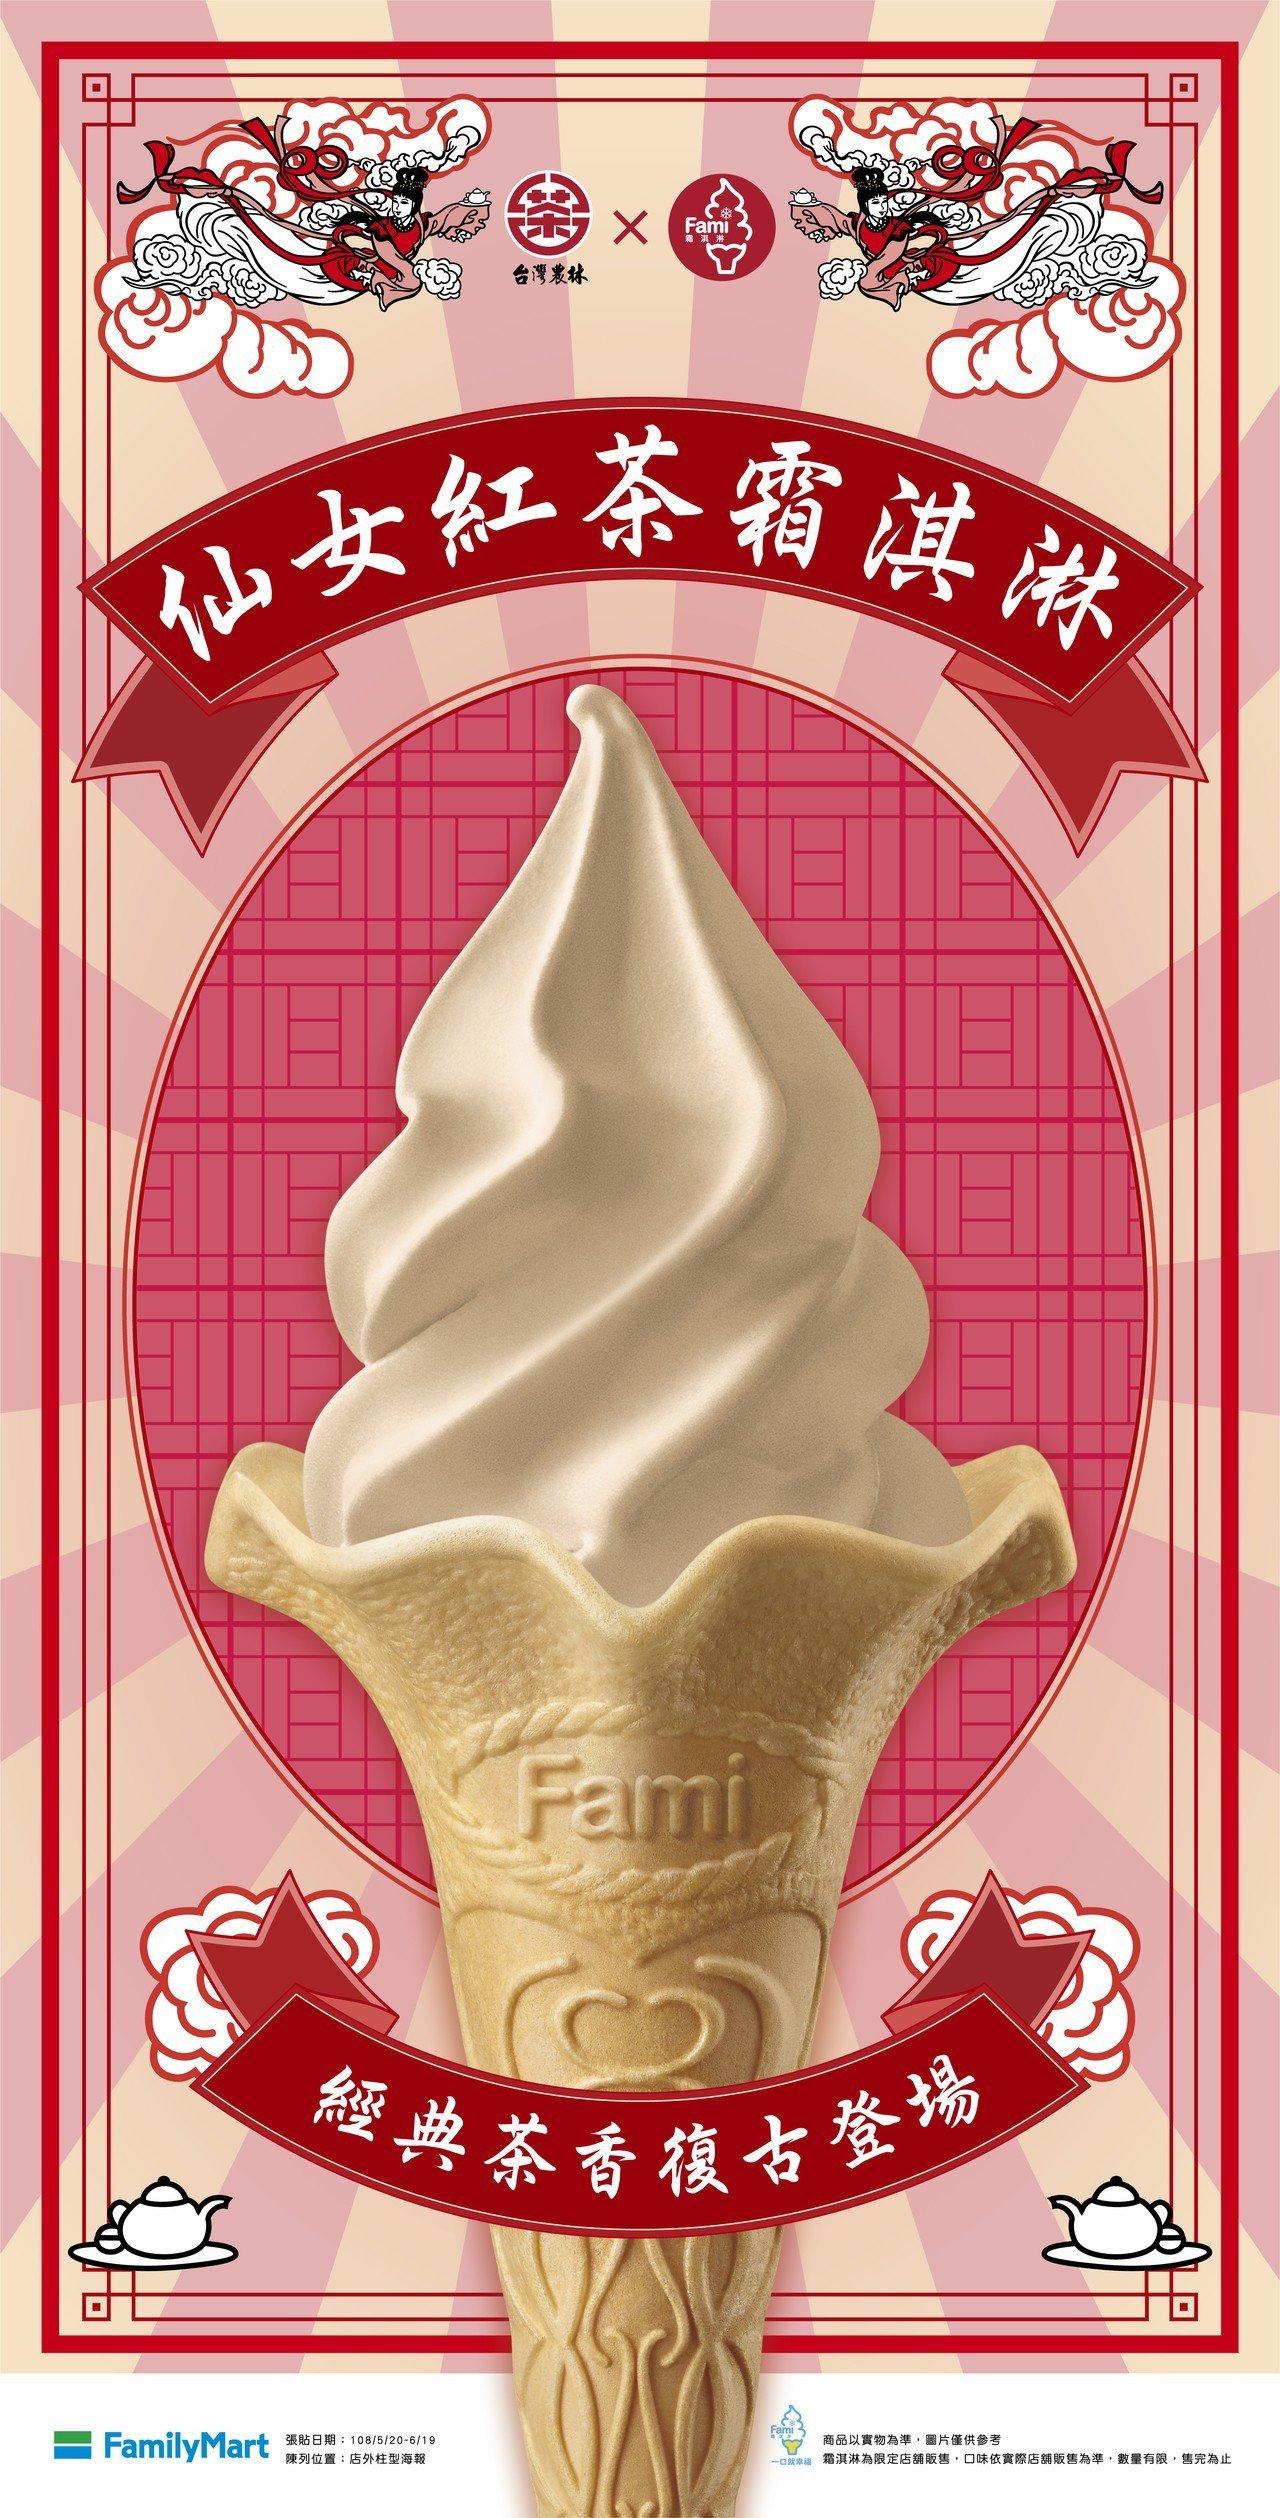 全家便利商店「仙女紅茶霜淇淋」,5月17日至5月19日於北中南共20家店提前販售...